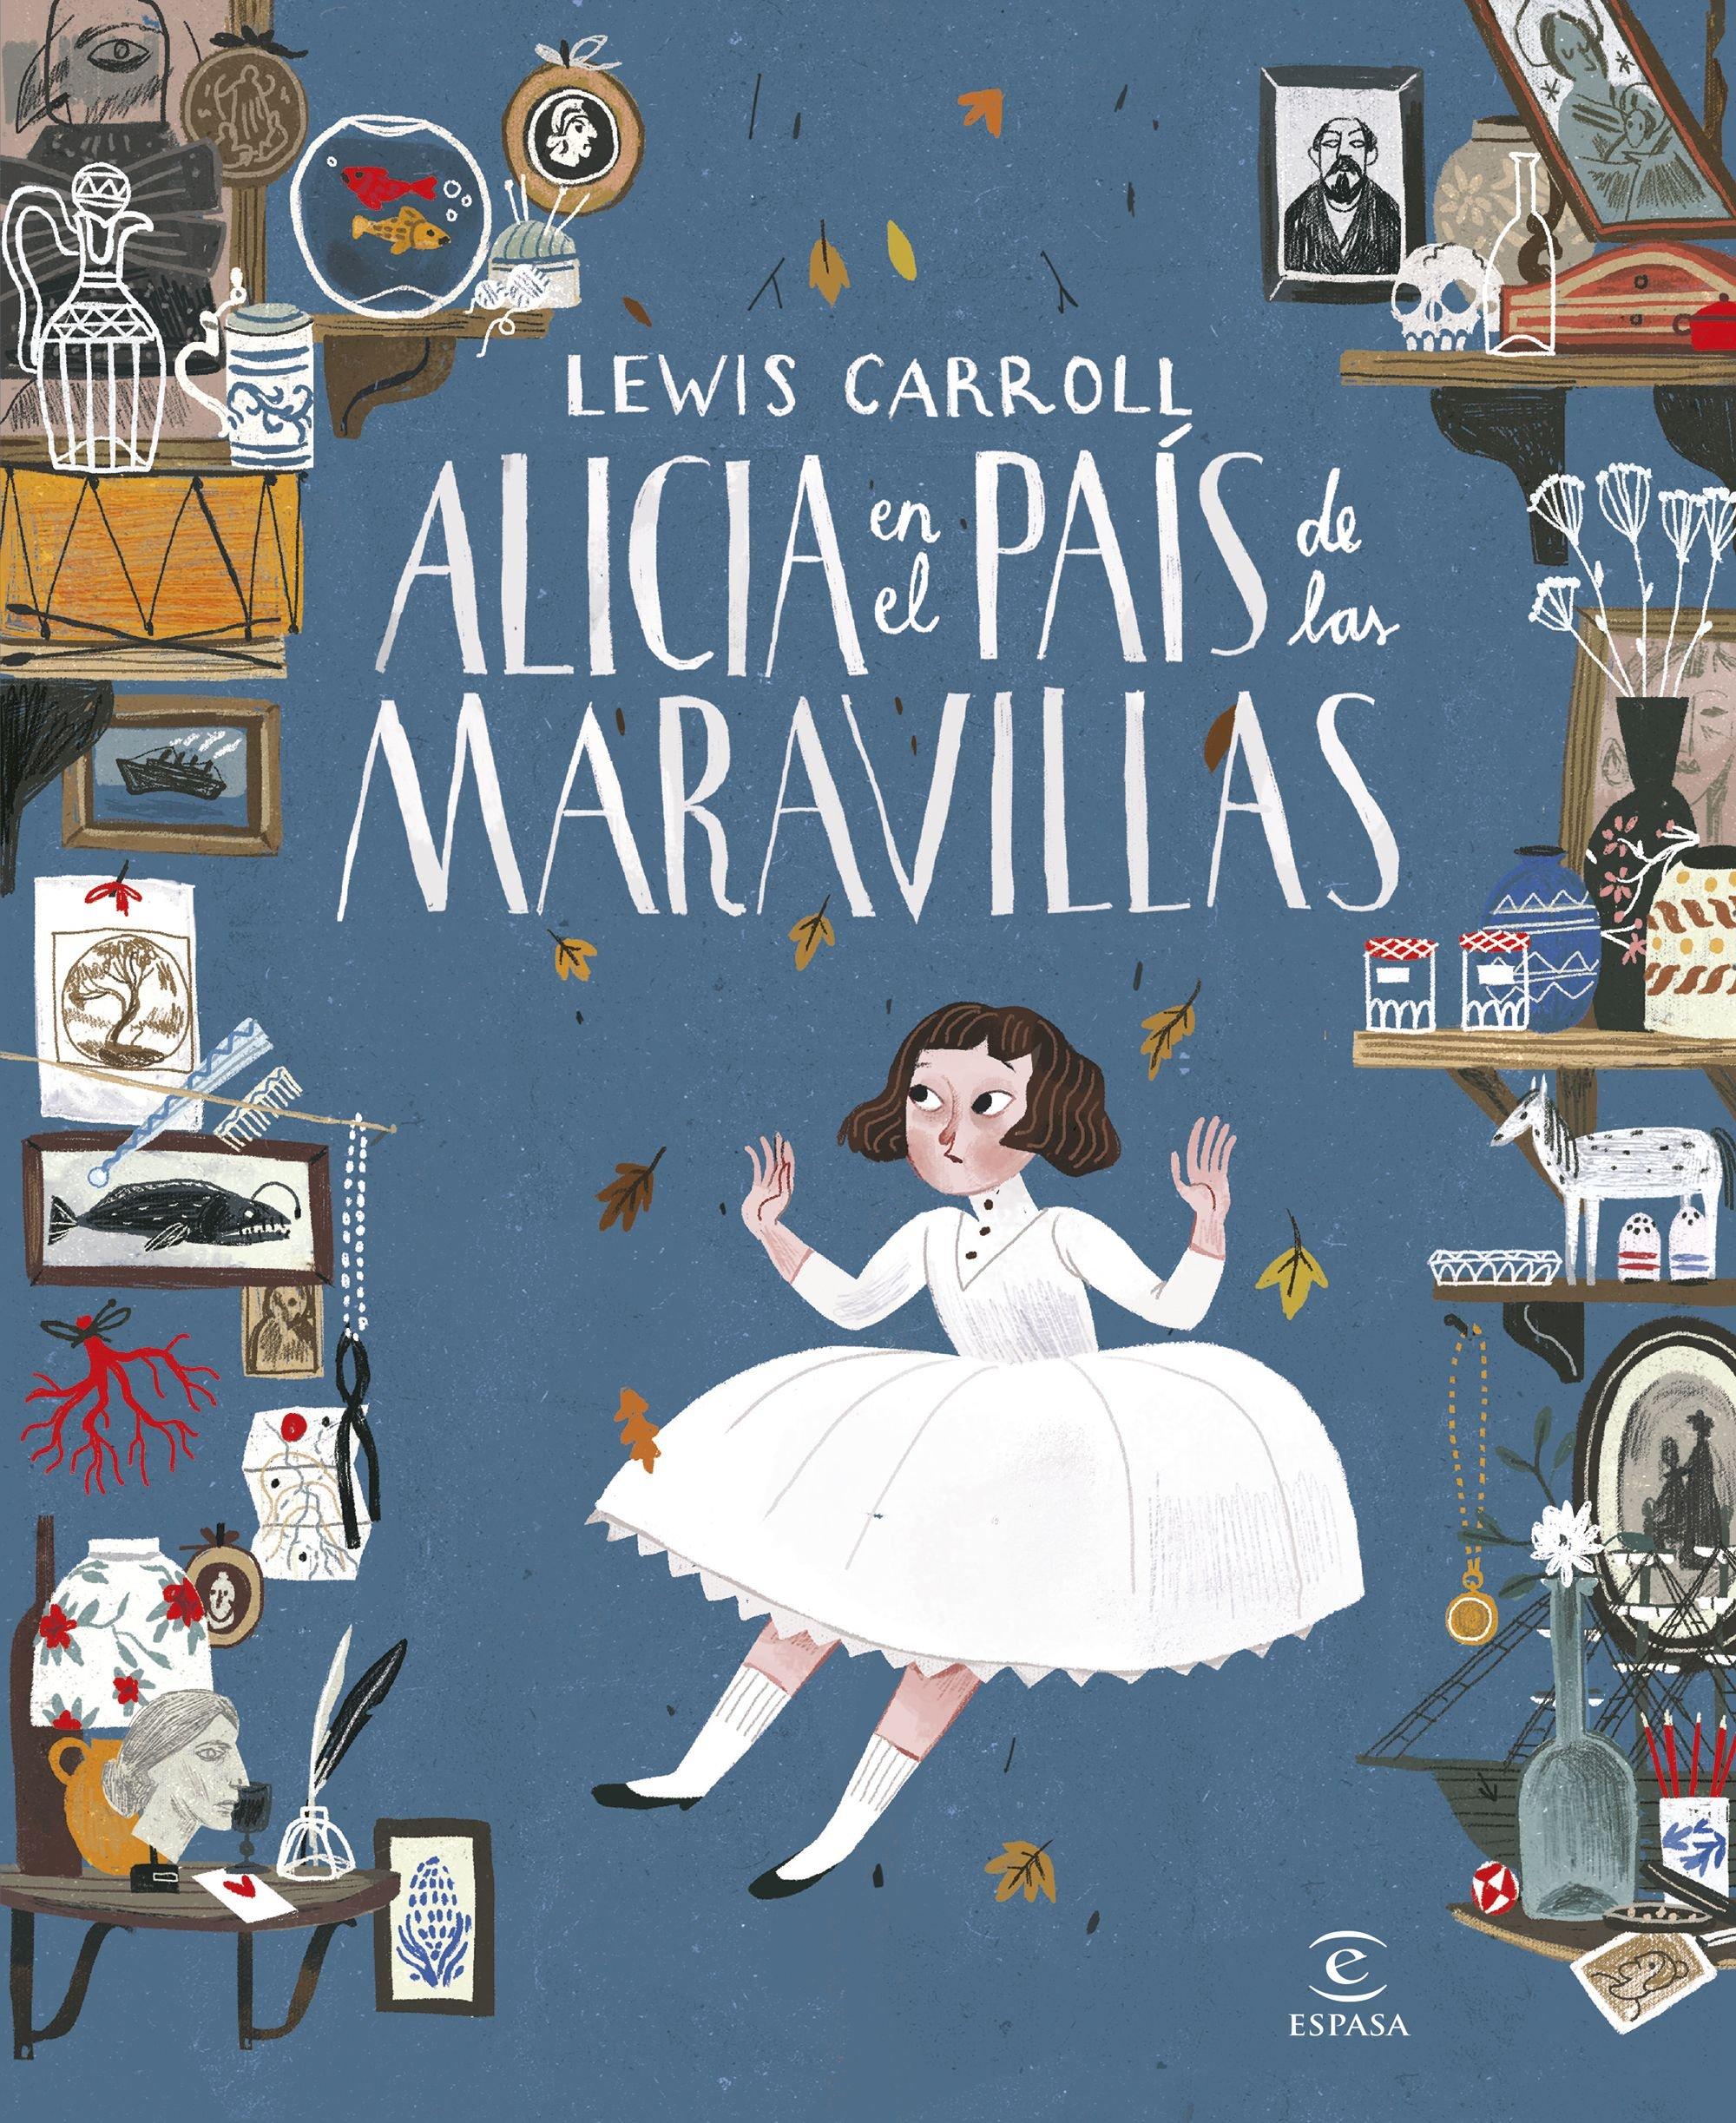 Alicia en el País de las Maravillas Otros libros de gran formato:  Amazon.es: Lewis Carroll, Editorial Planeta S. A.: Libros